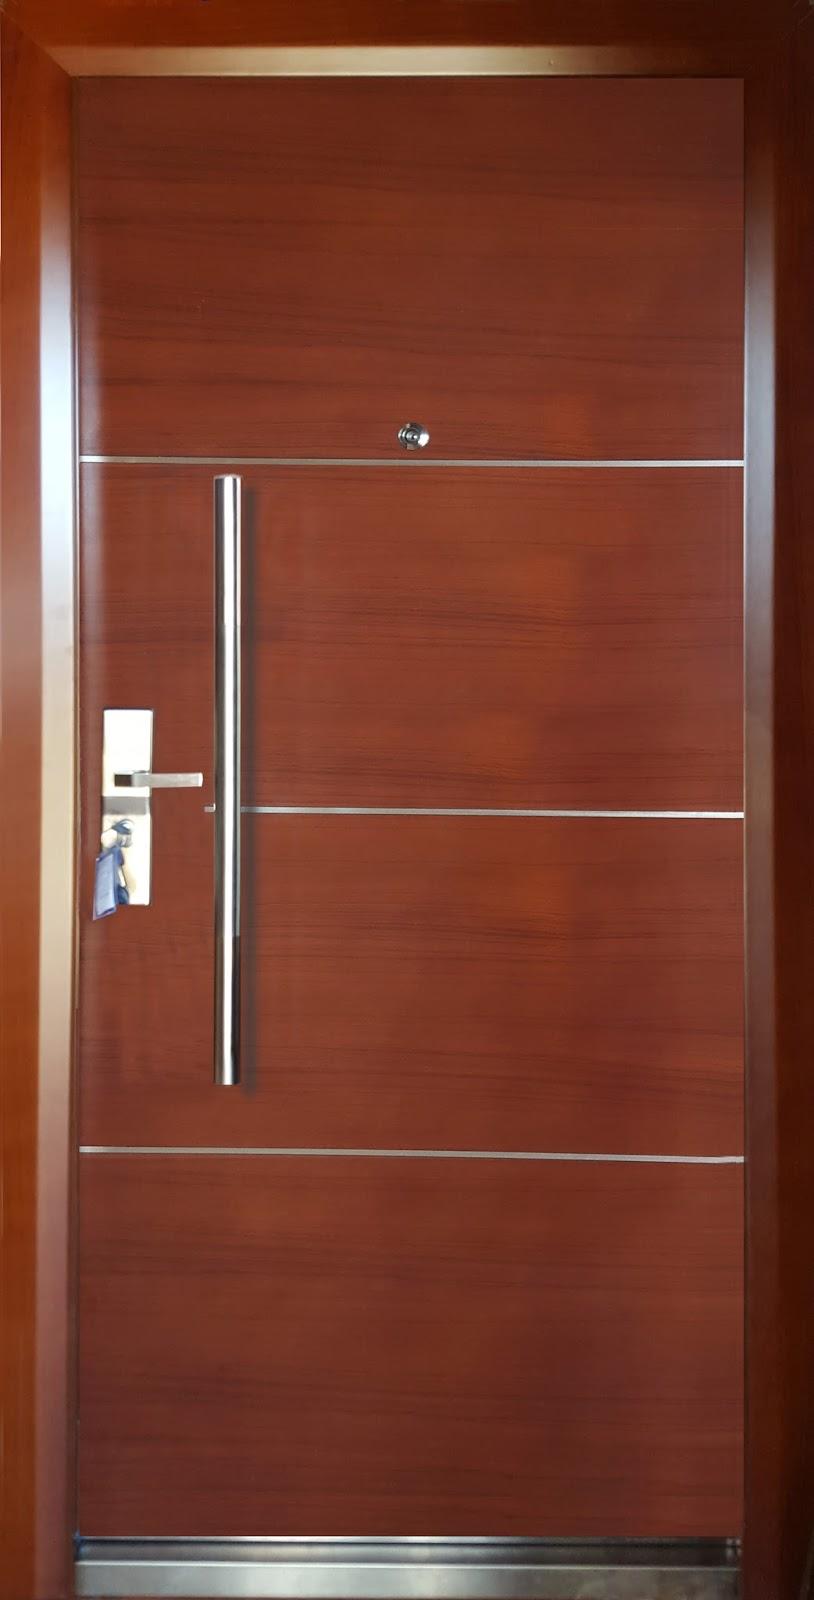 Puertas de seguridad estilo europeo ventanas de aluminio Puertas de seguridad